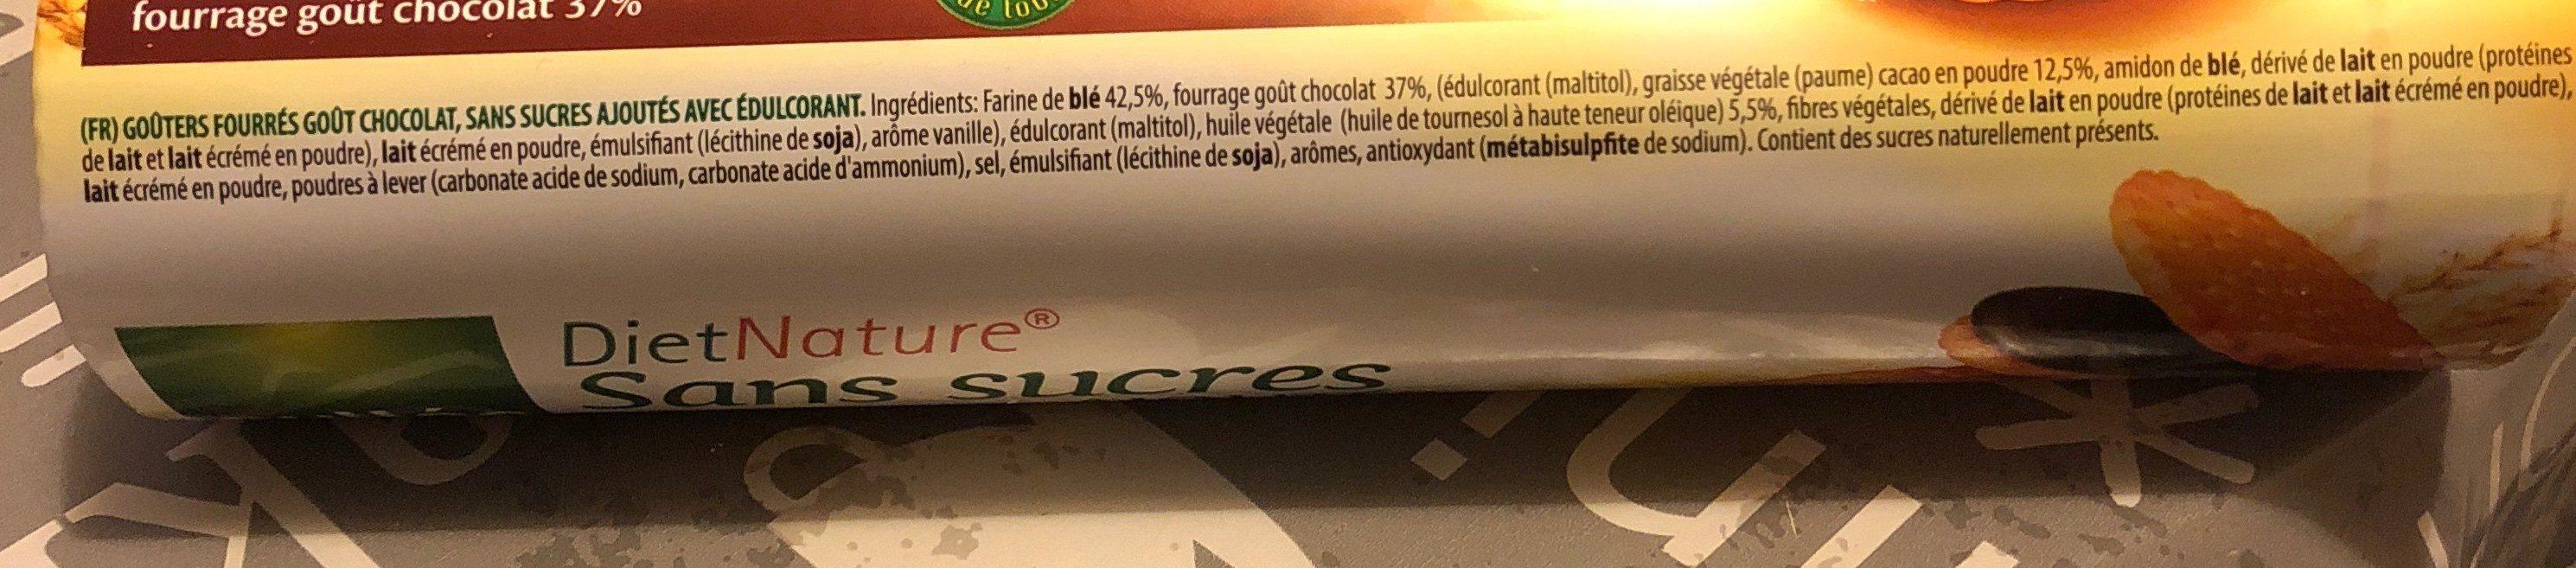 Diet Nature sandwich de chocolate sin azúcares - Ingrédients - fr